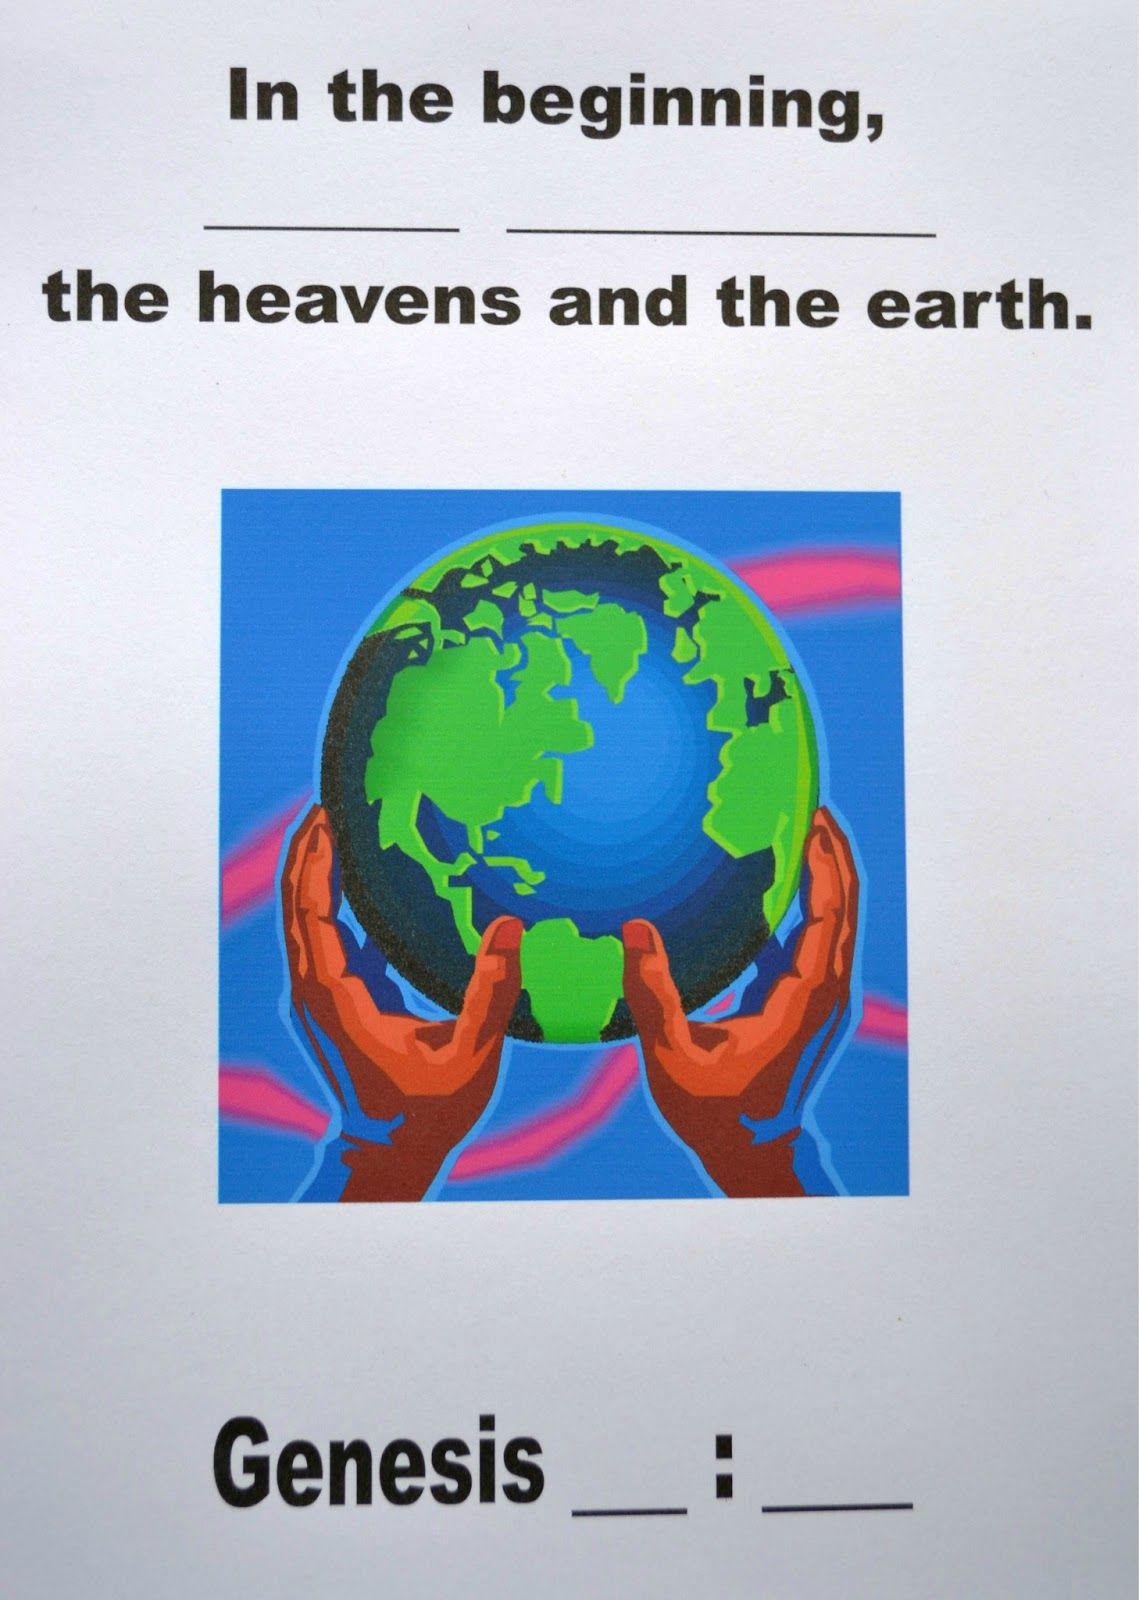 Genesis Series Creation